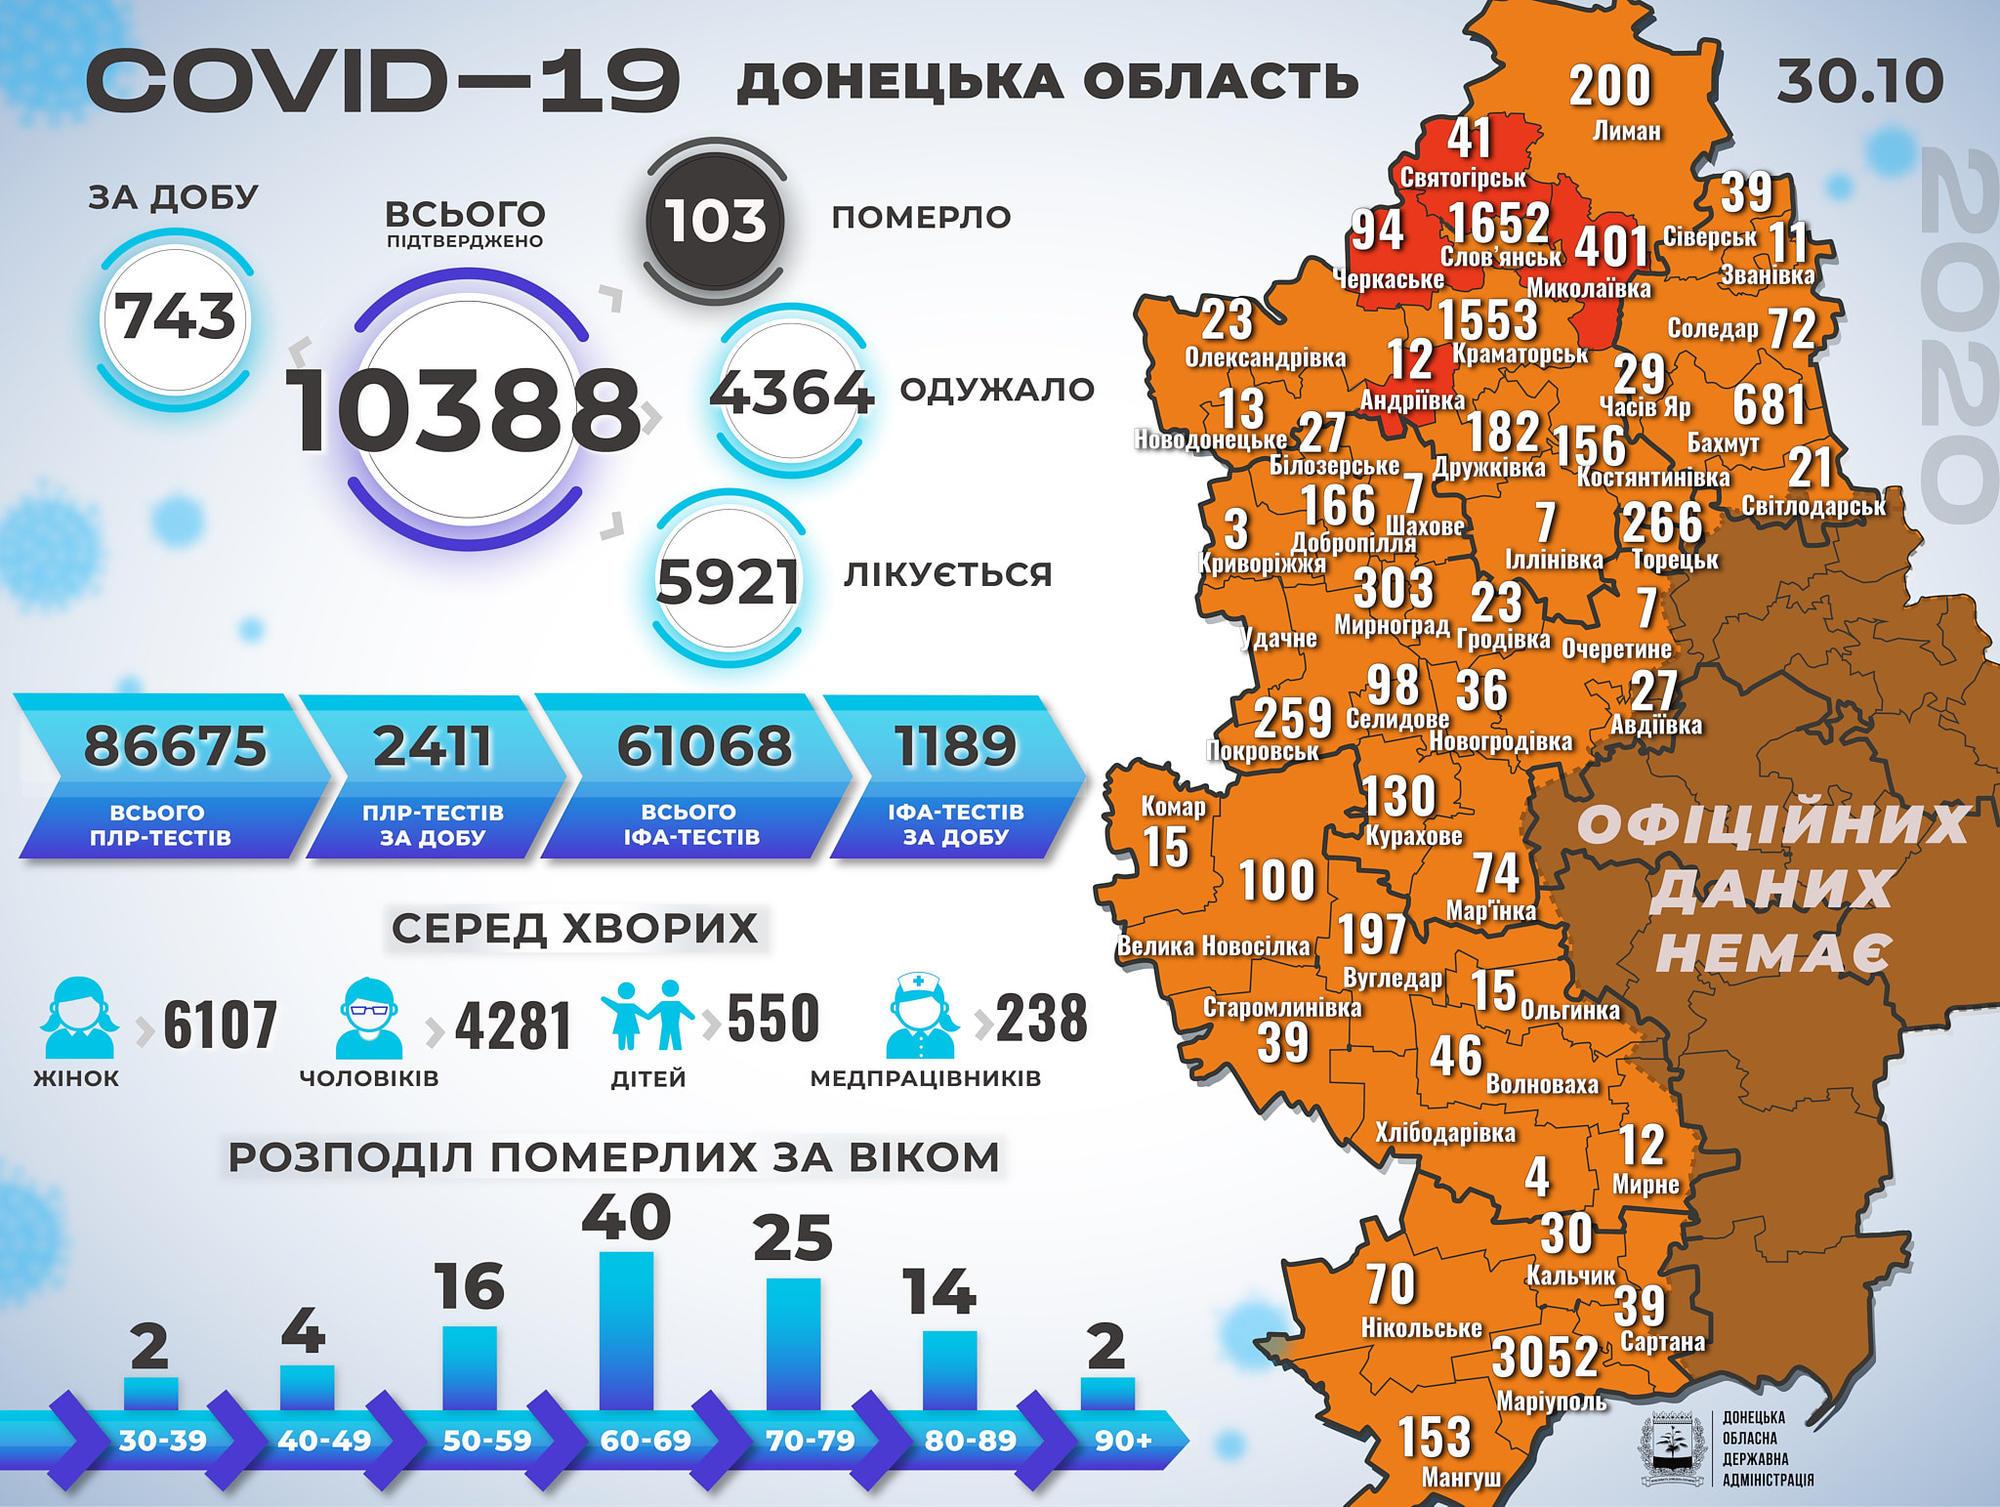 На Донетчине прибавилось еще более 700 человек с коронавирусом. В Украине – почти 9 тысяч пациентов за день